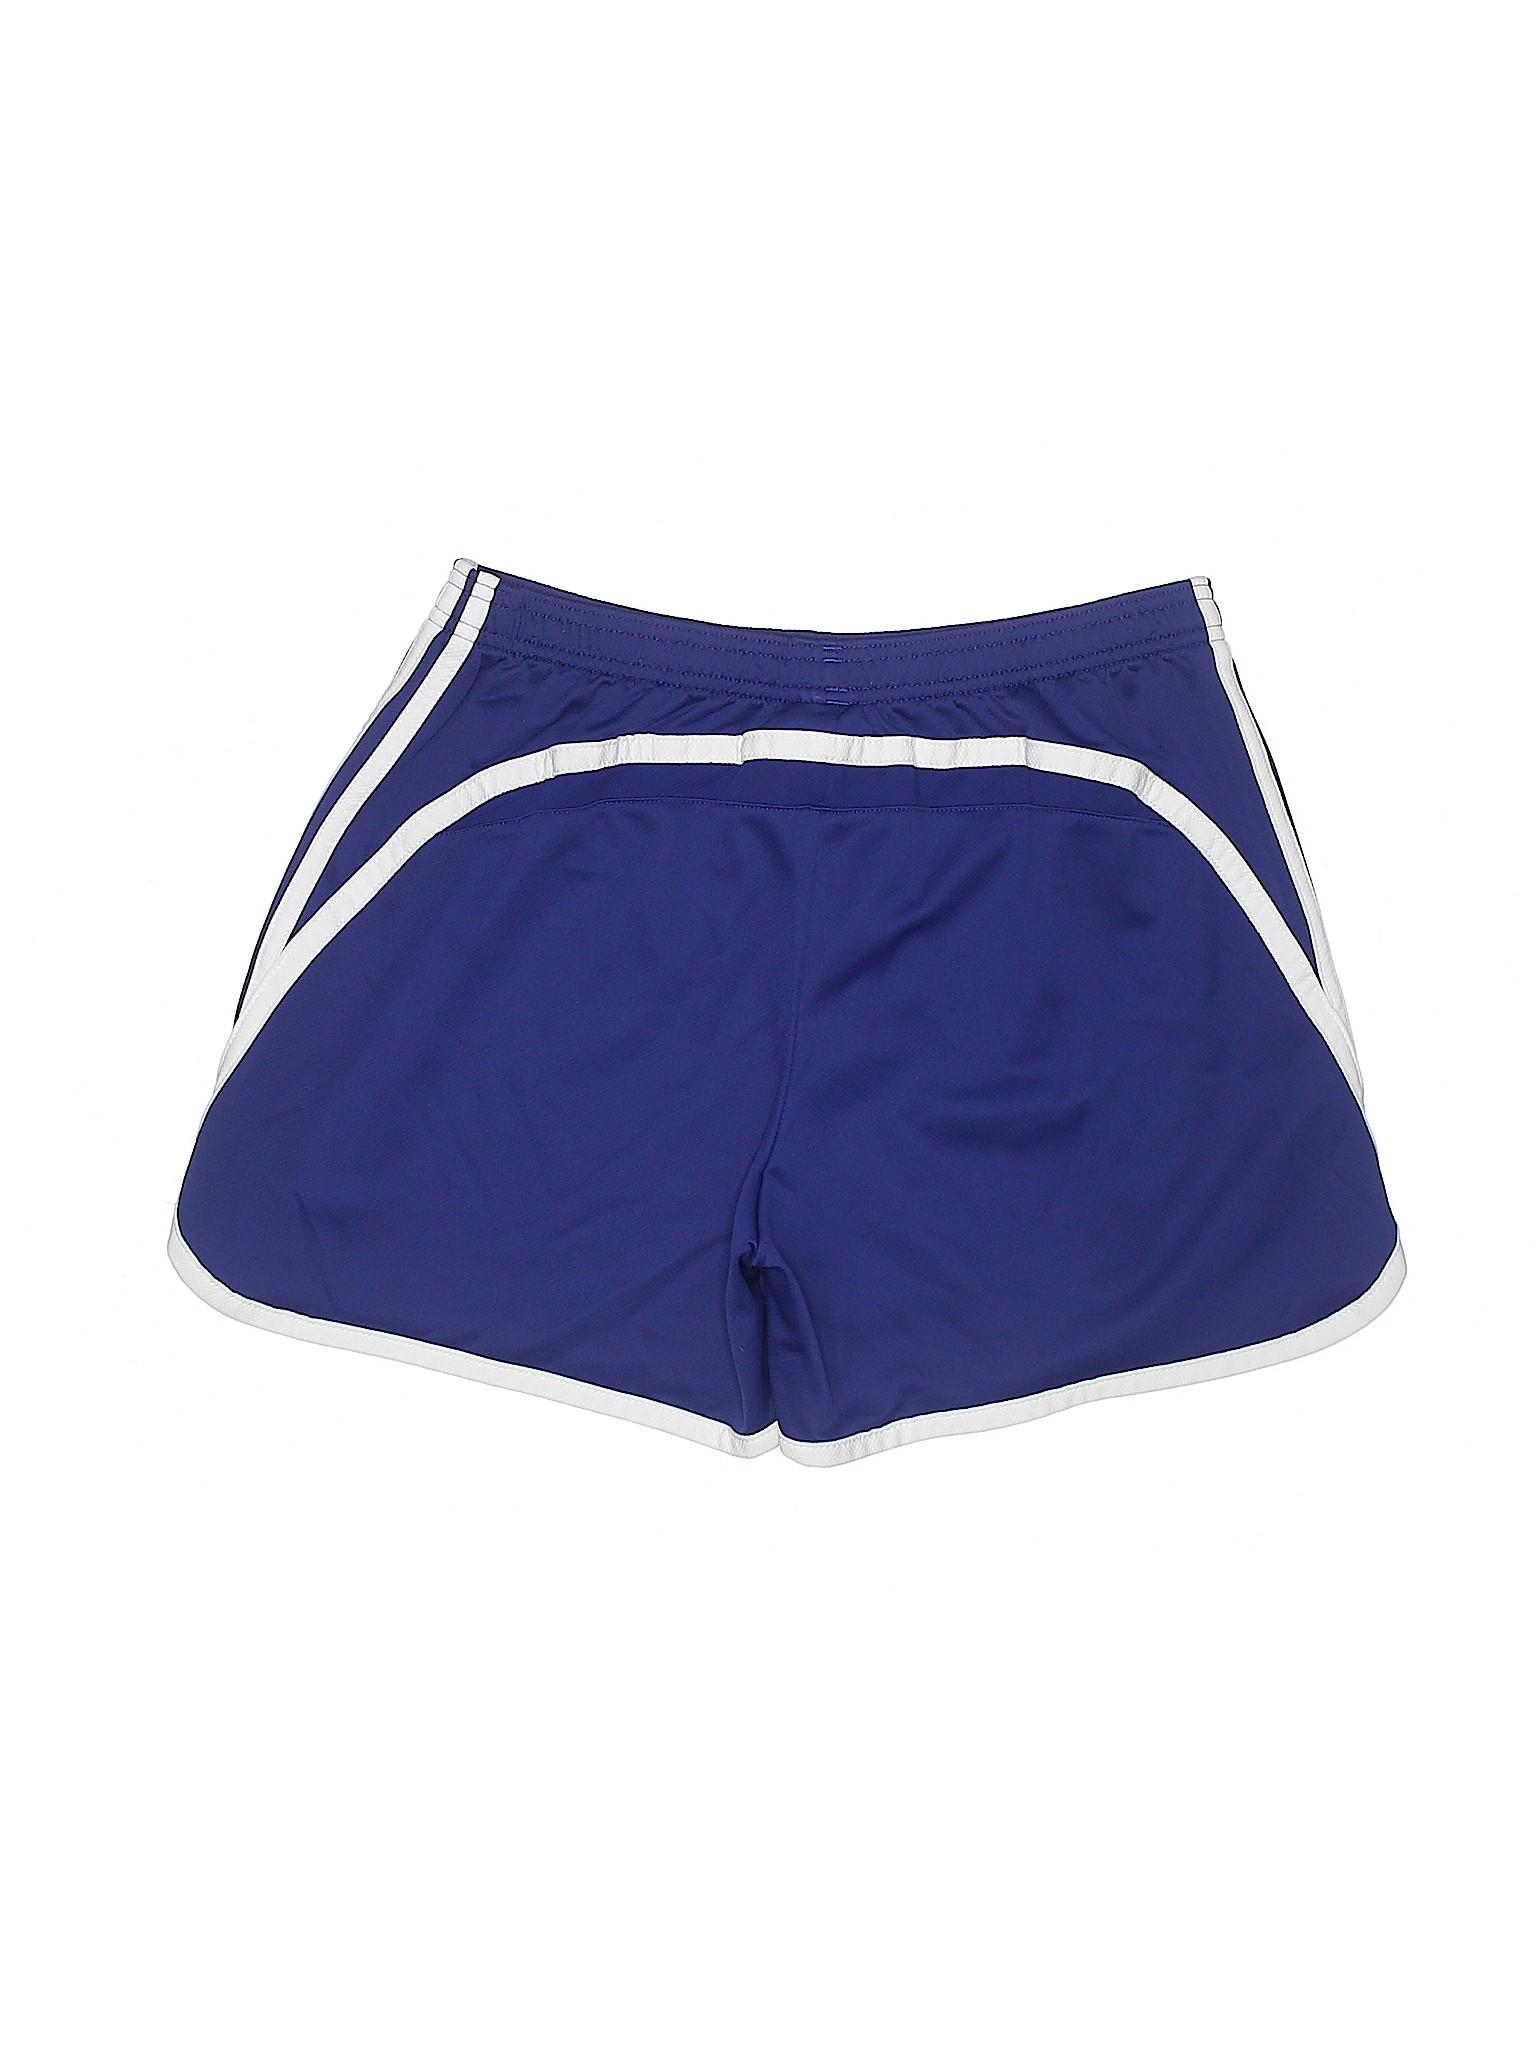 Boutique Shorts Boutique Adidas Athletic Athletic Boutique Adidas Shorts 0q4IFgwga